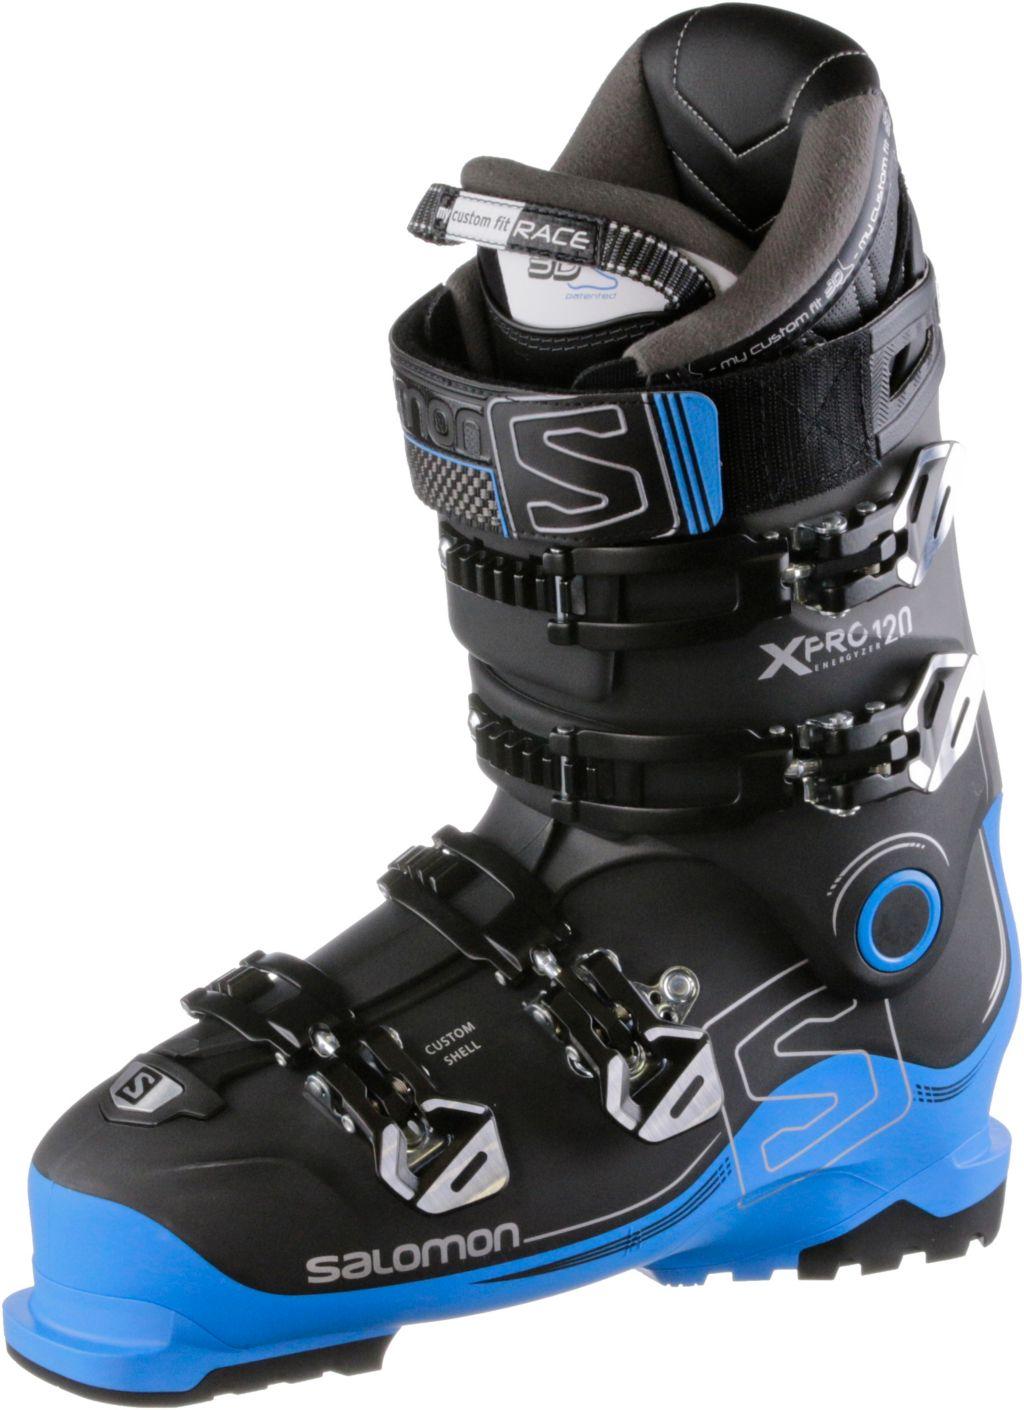 X Pro 120 Skischuhe Herren mehrfarbig, Größe 28 1/2